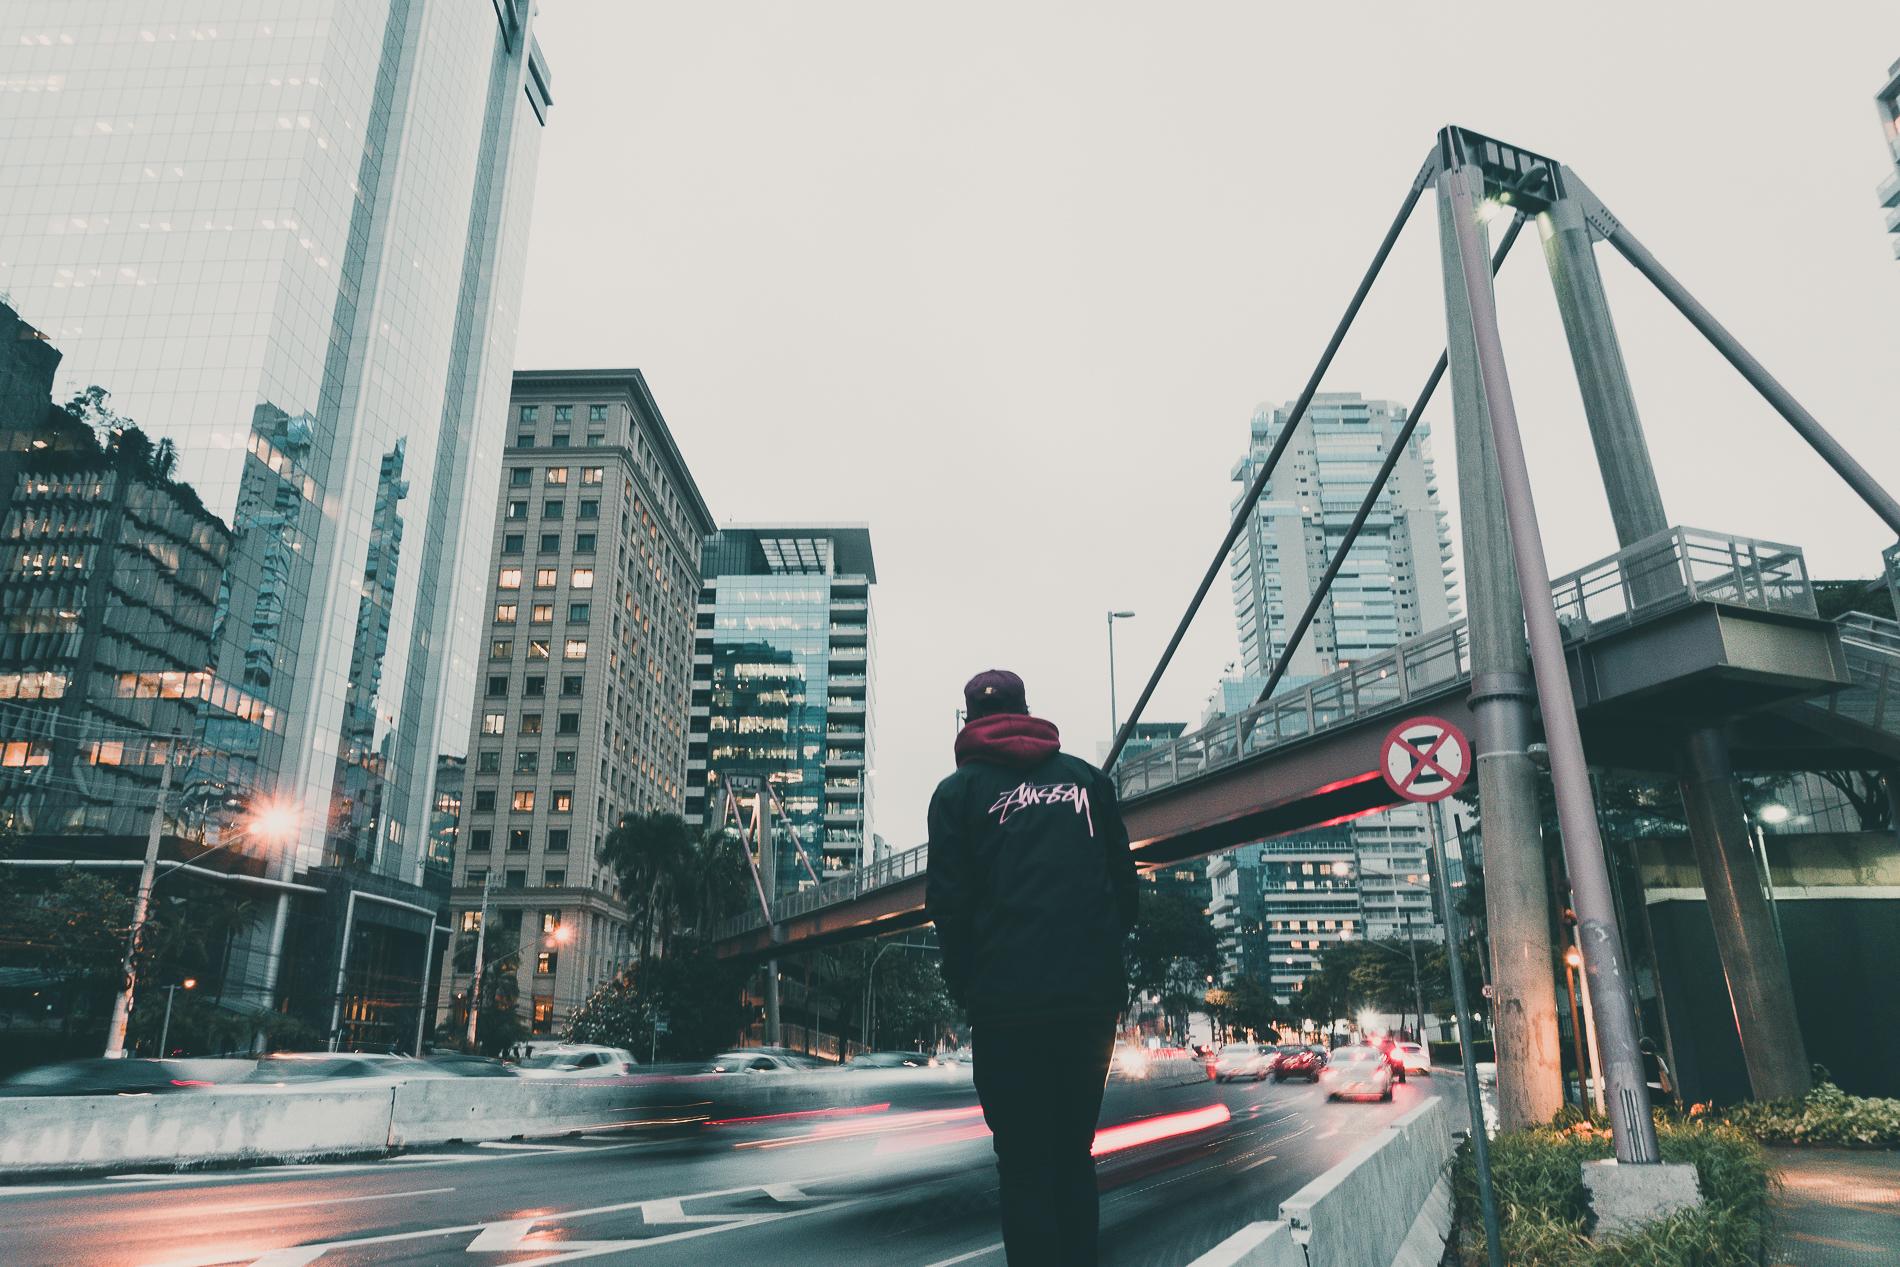 1000 Engaging Urban Photos Pexels Free Stock Photos